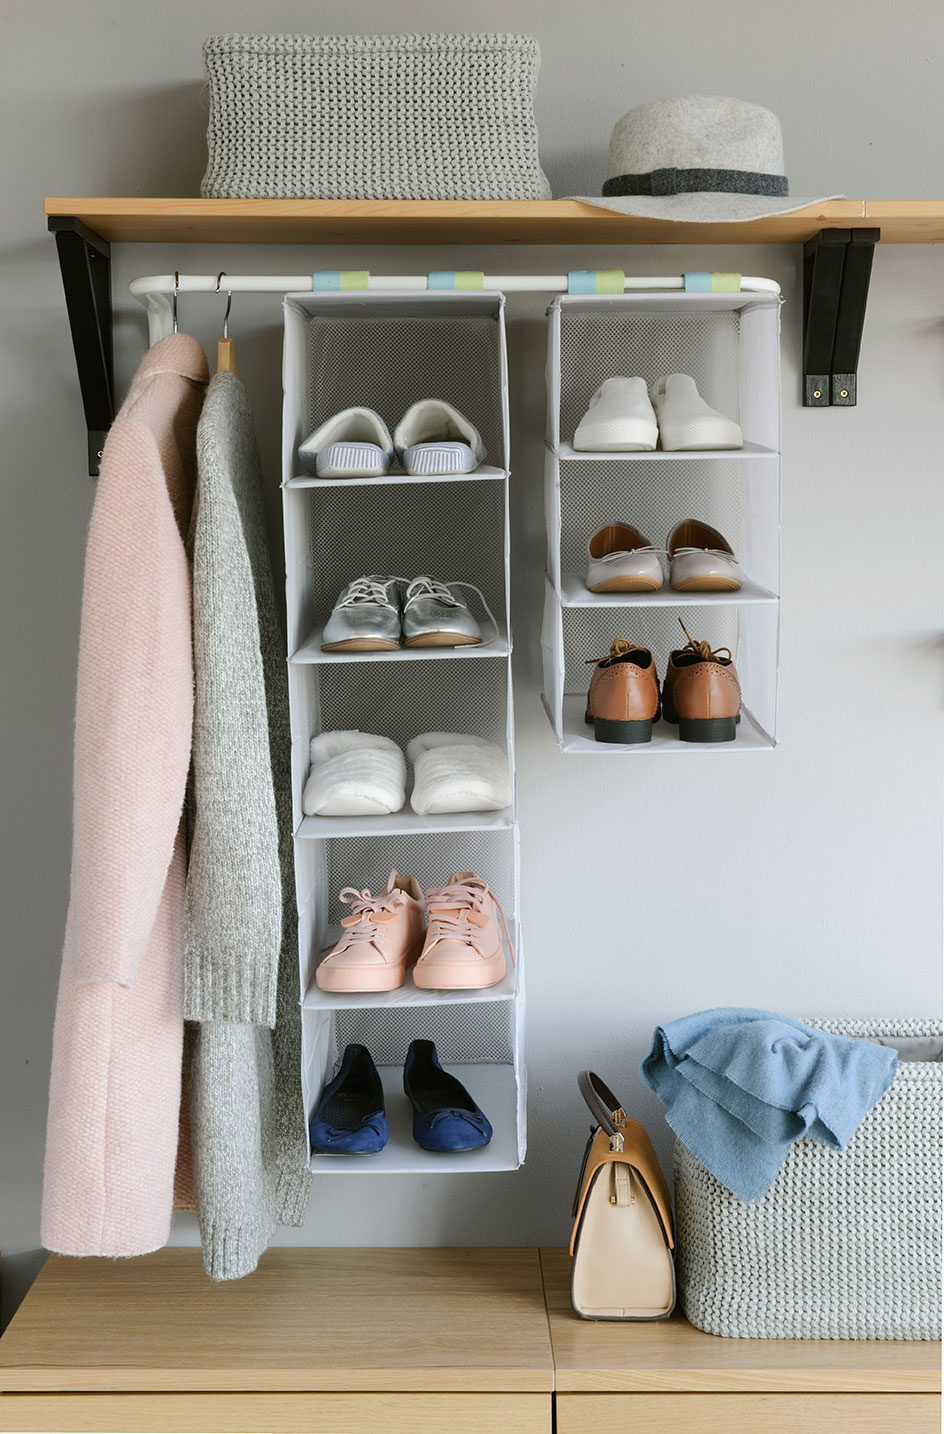 4a1fb5dbf0 Aprende a guardar bien tus zapatos